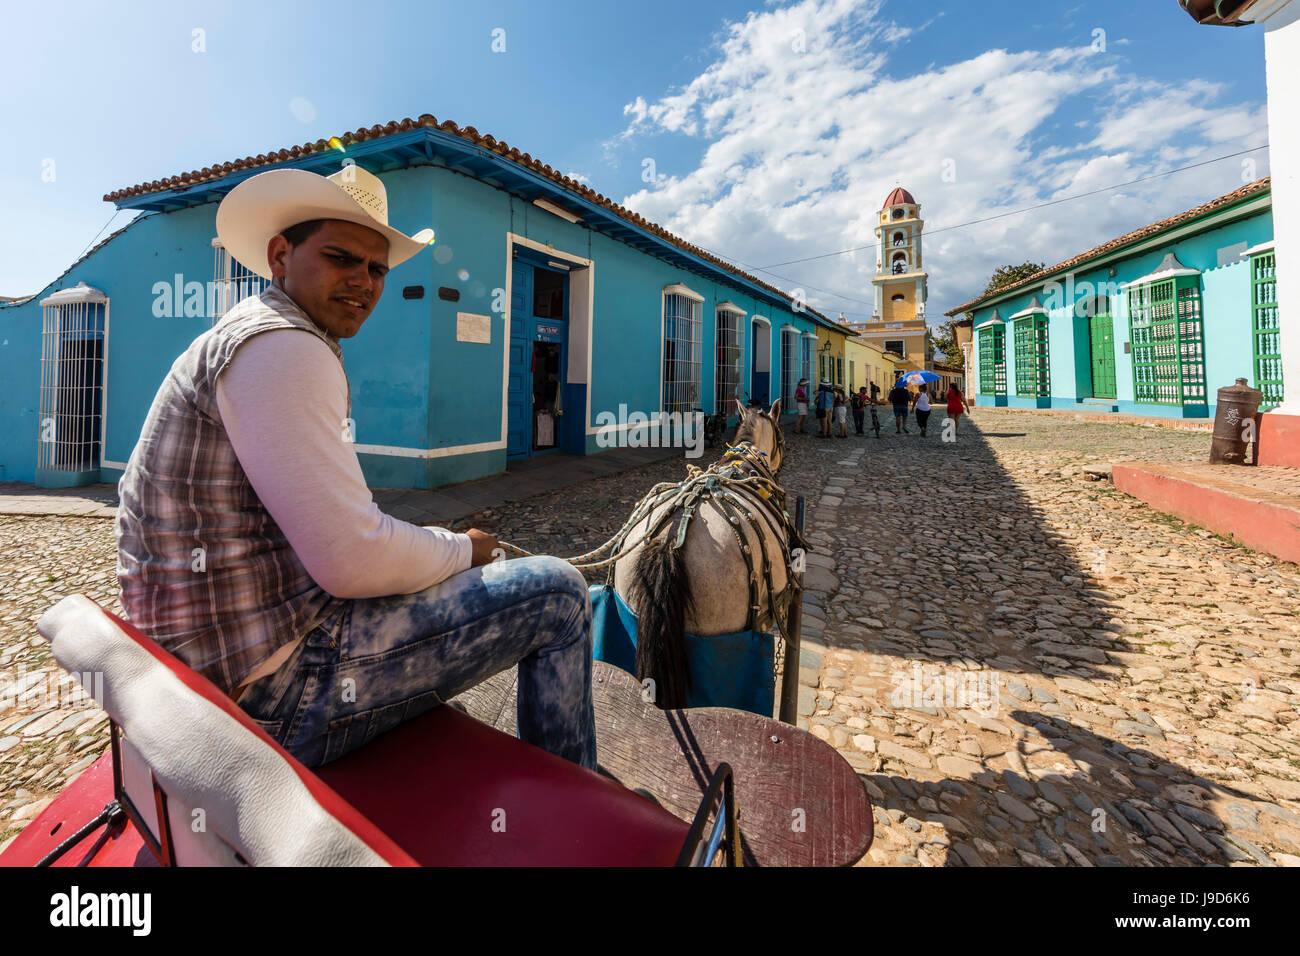 Ein Pferdefuhrwerk Volksmund Coche in Plaza Mayor, in der Stadt von Trinidad, UNESCO, Kuba, West Indies, Karibik Stockbild